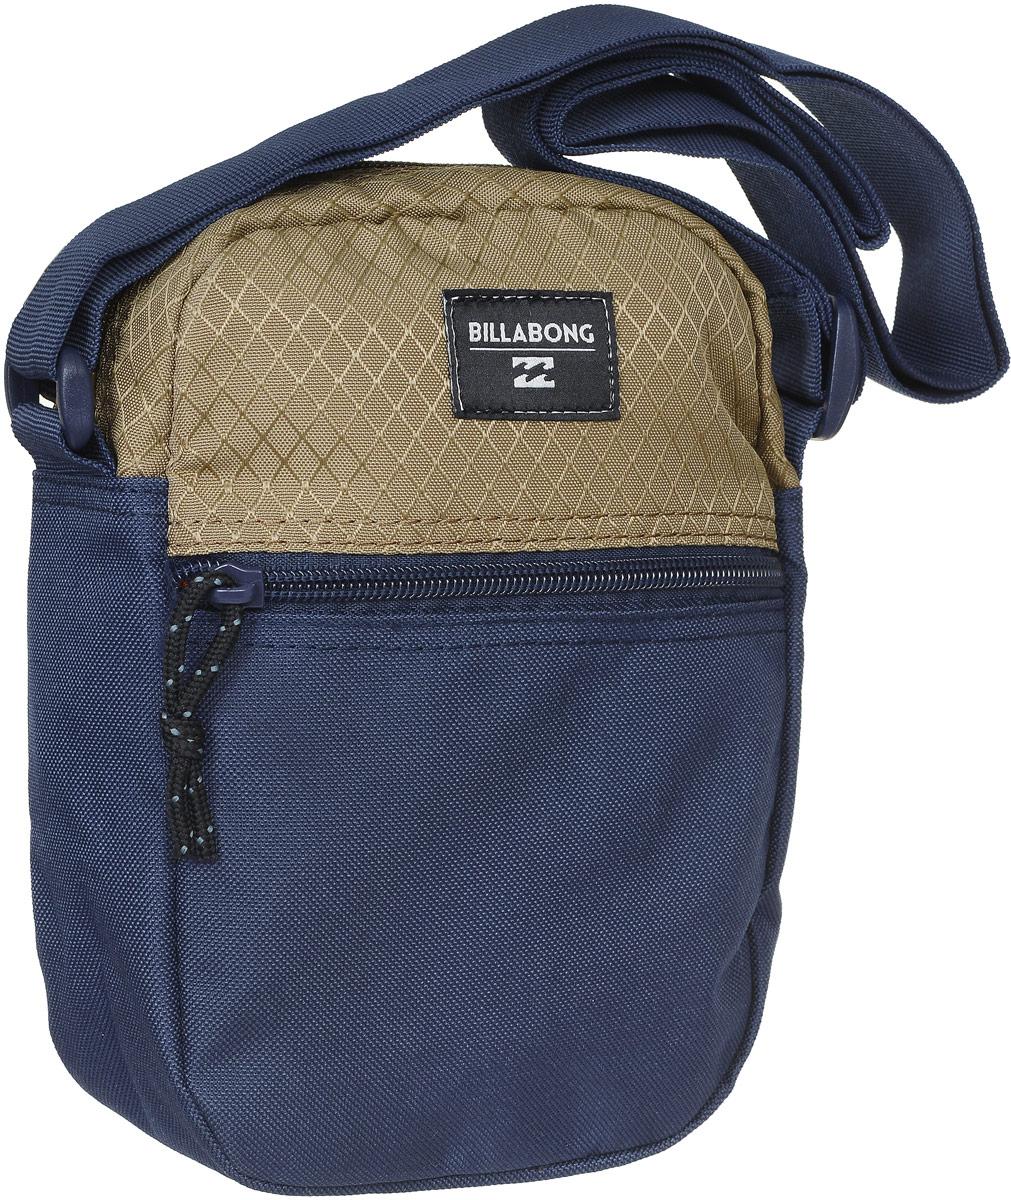 Сумка мужская Billabong, цвет: темно-синий, светлый хаки. Z5SA01Z5SA01Сумка Billabong выполнена из высококачественного плотного полиэстера и оформлена нашивкой с названием бренда. На лицевой стороне расположен вшитый карман для мелочей. Изделие закрывается на застежку-молнию. Внутри находится главное отделение, которое содержит вшитый карман на молнии для мелочей.